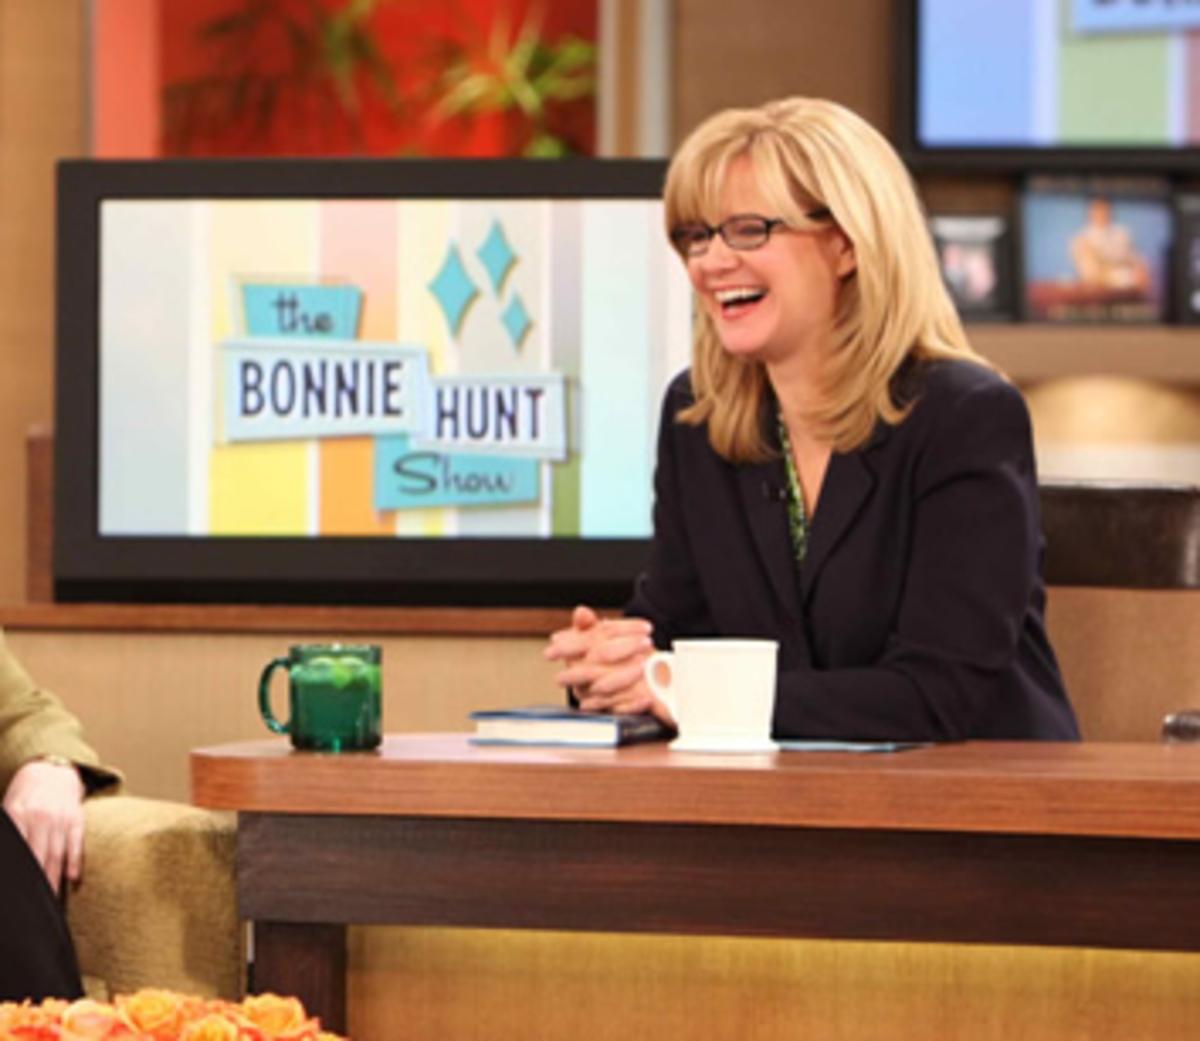 Bonnie Hunt Show